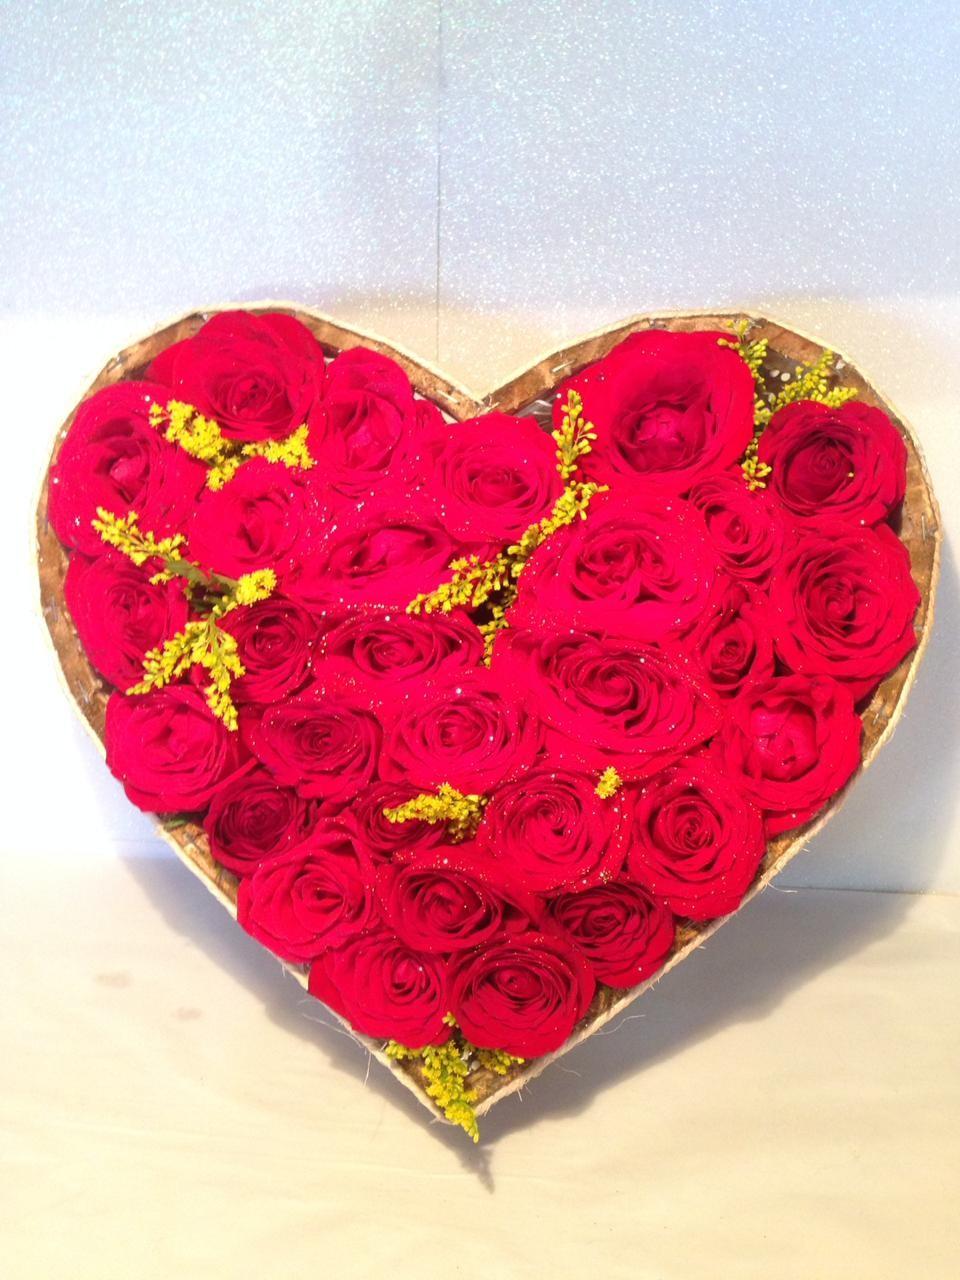 Foto 1 - Arranjo Coração Floral